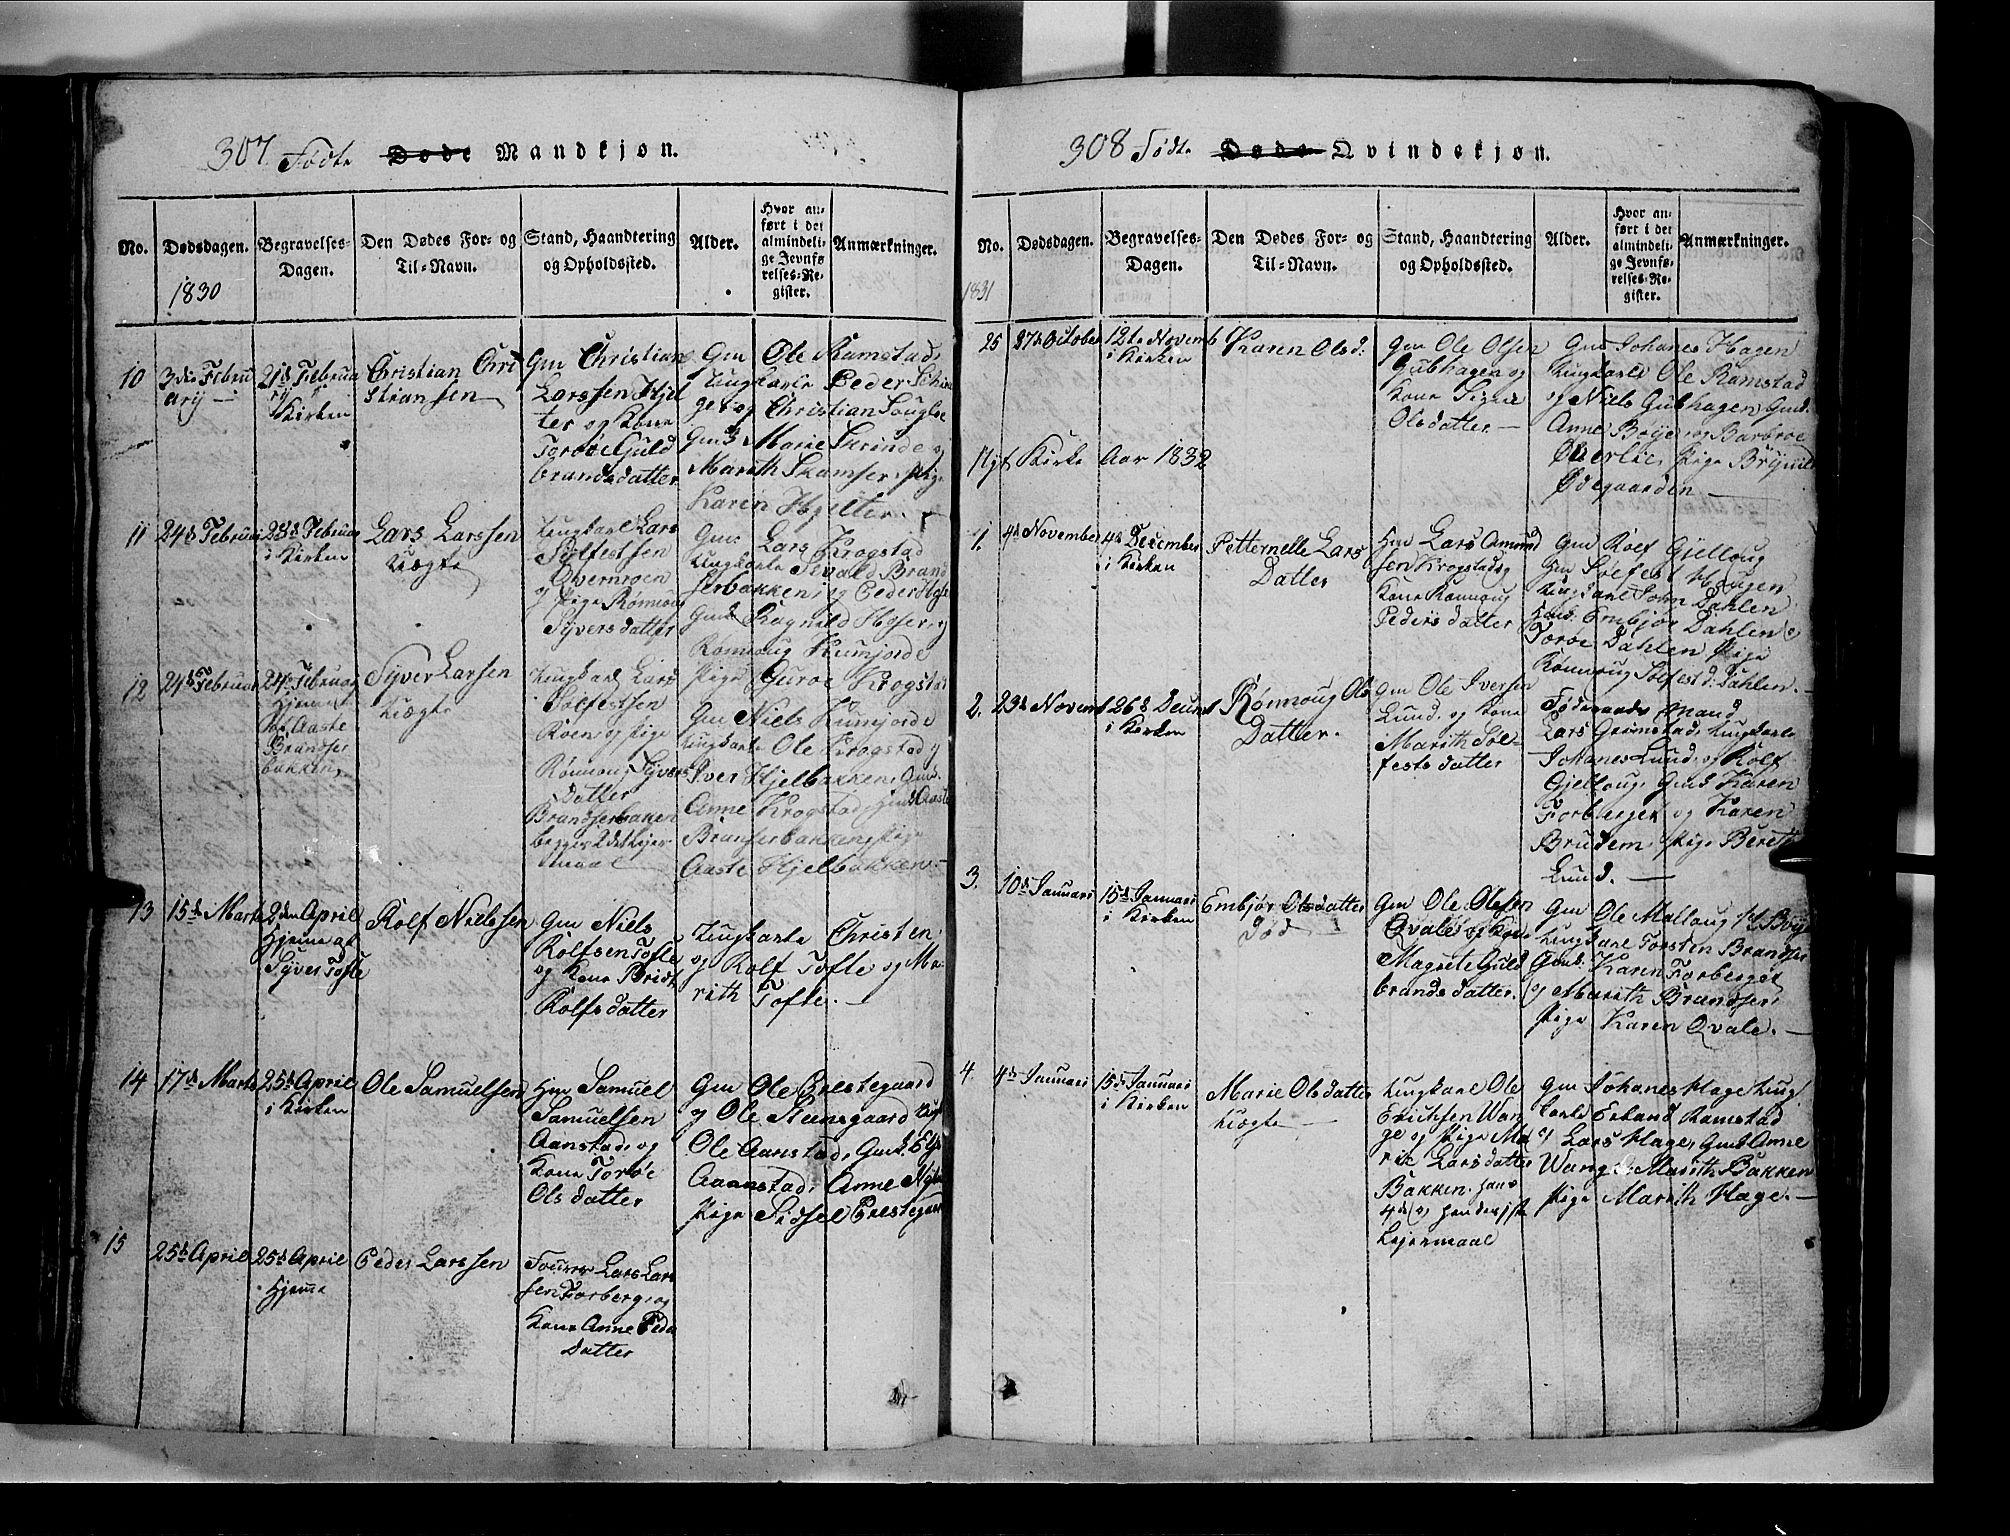 SAH, Lom prestekontor, L/L0003: Klokkerbok nr. 3, 1815-1844, s. 307-308